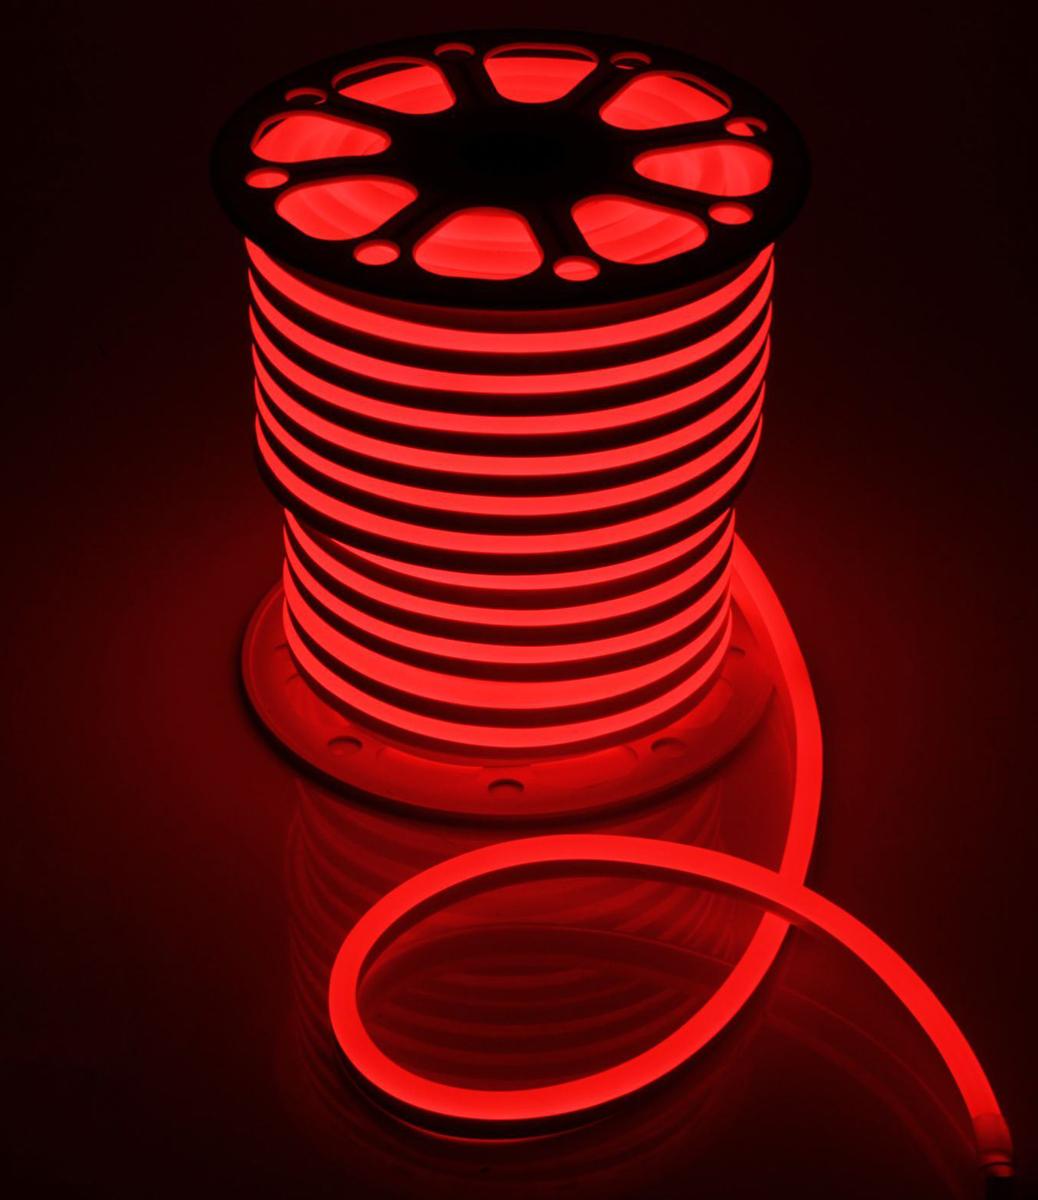 Гирлянда светодиодная  Luazon , 120 ламп, 220 V, цвет: красный, 1,5 см х 2,5 см х 50 м. 1431326 -  Гирлянды и светильники